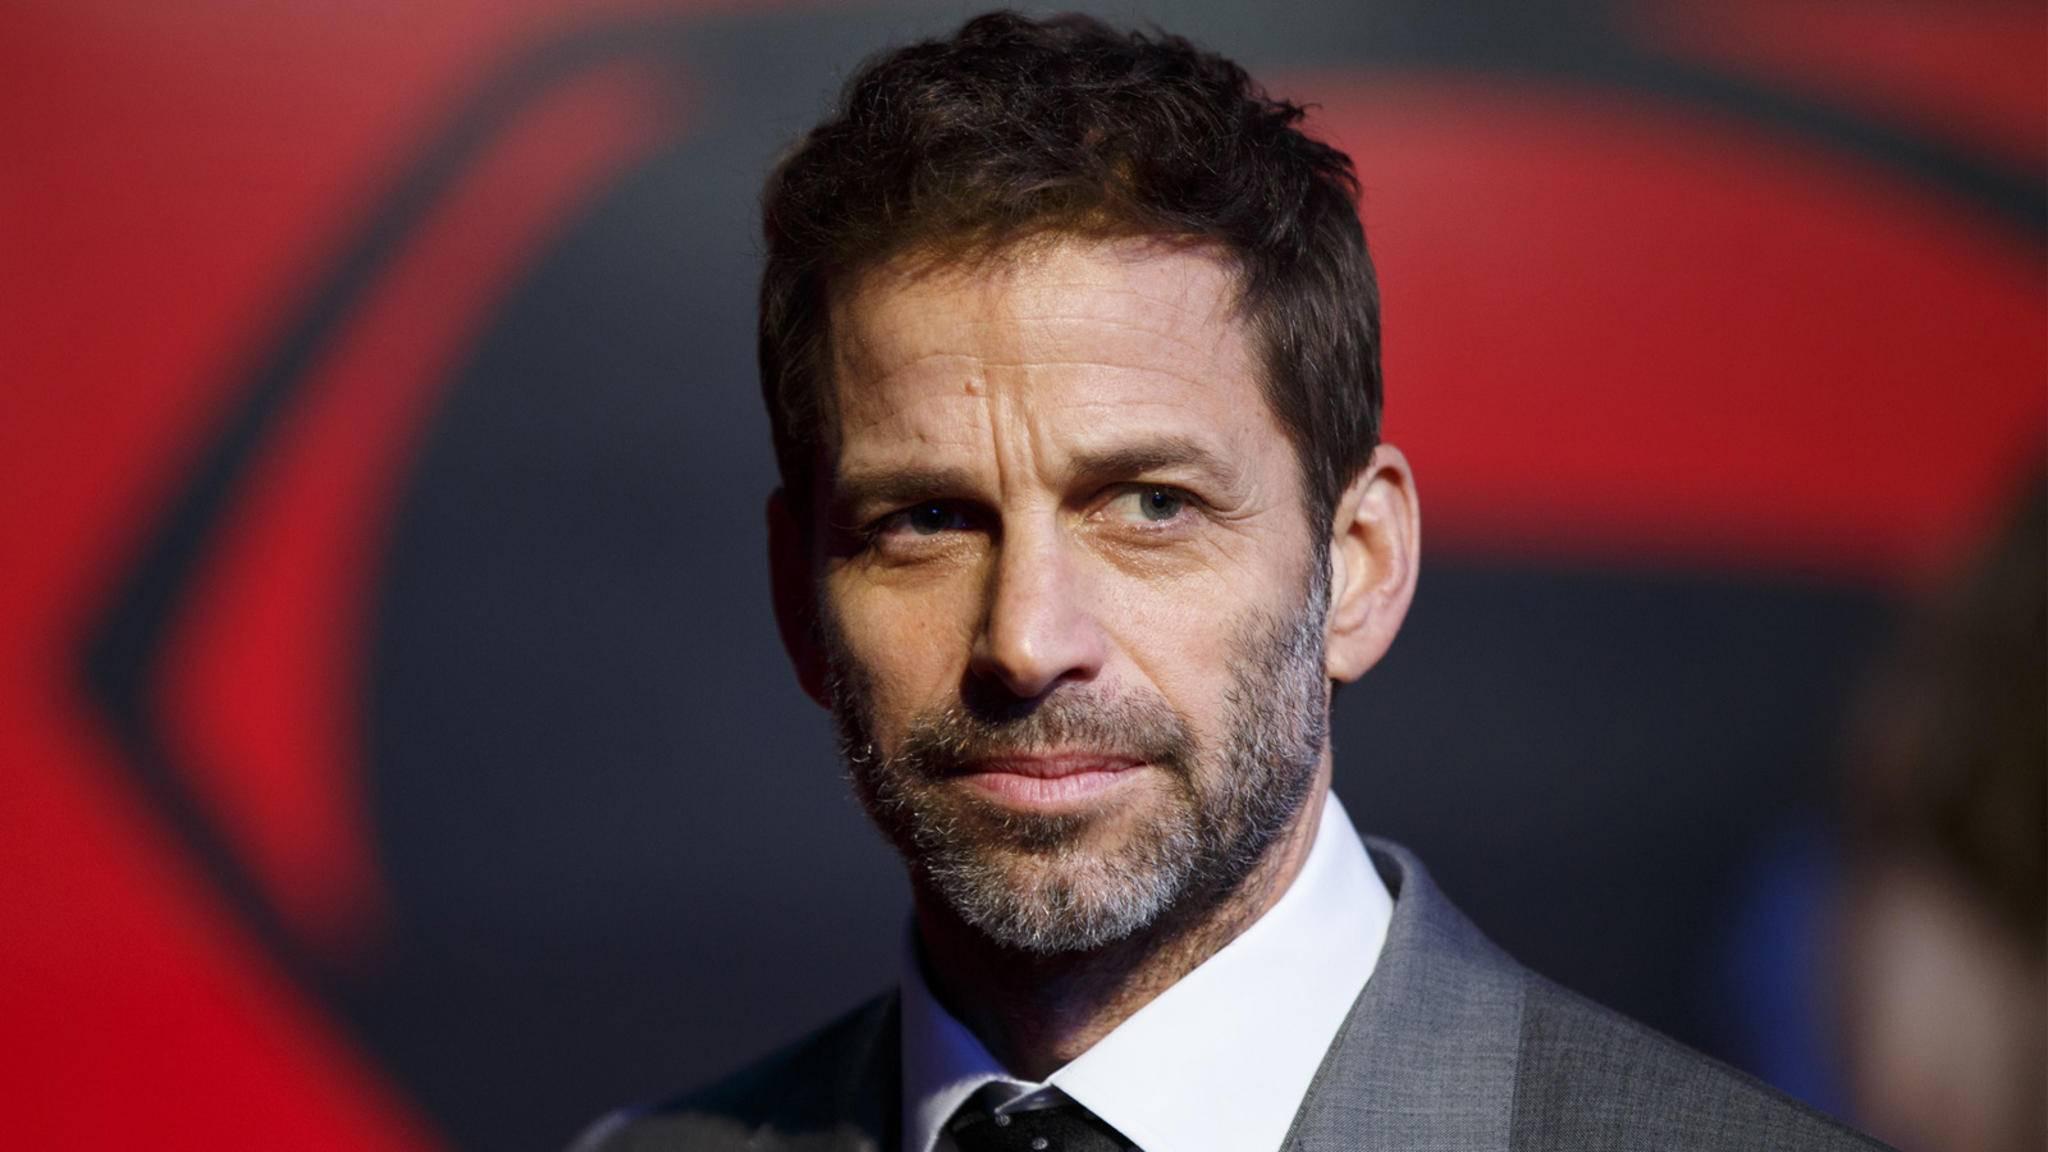 """Sitzt Zack Snyder nach """"Man of Steel"""", """"Batman v Superman"""" und """"Justice League"""" bald auch bei """"Batman"""" auf dem Regiestuhl?"""